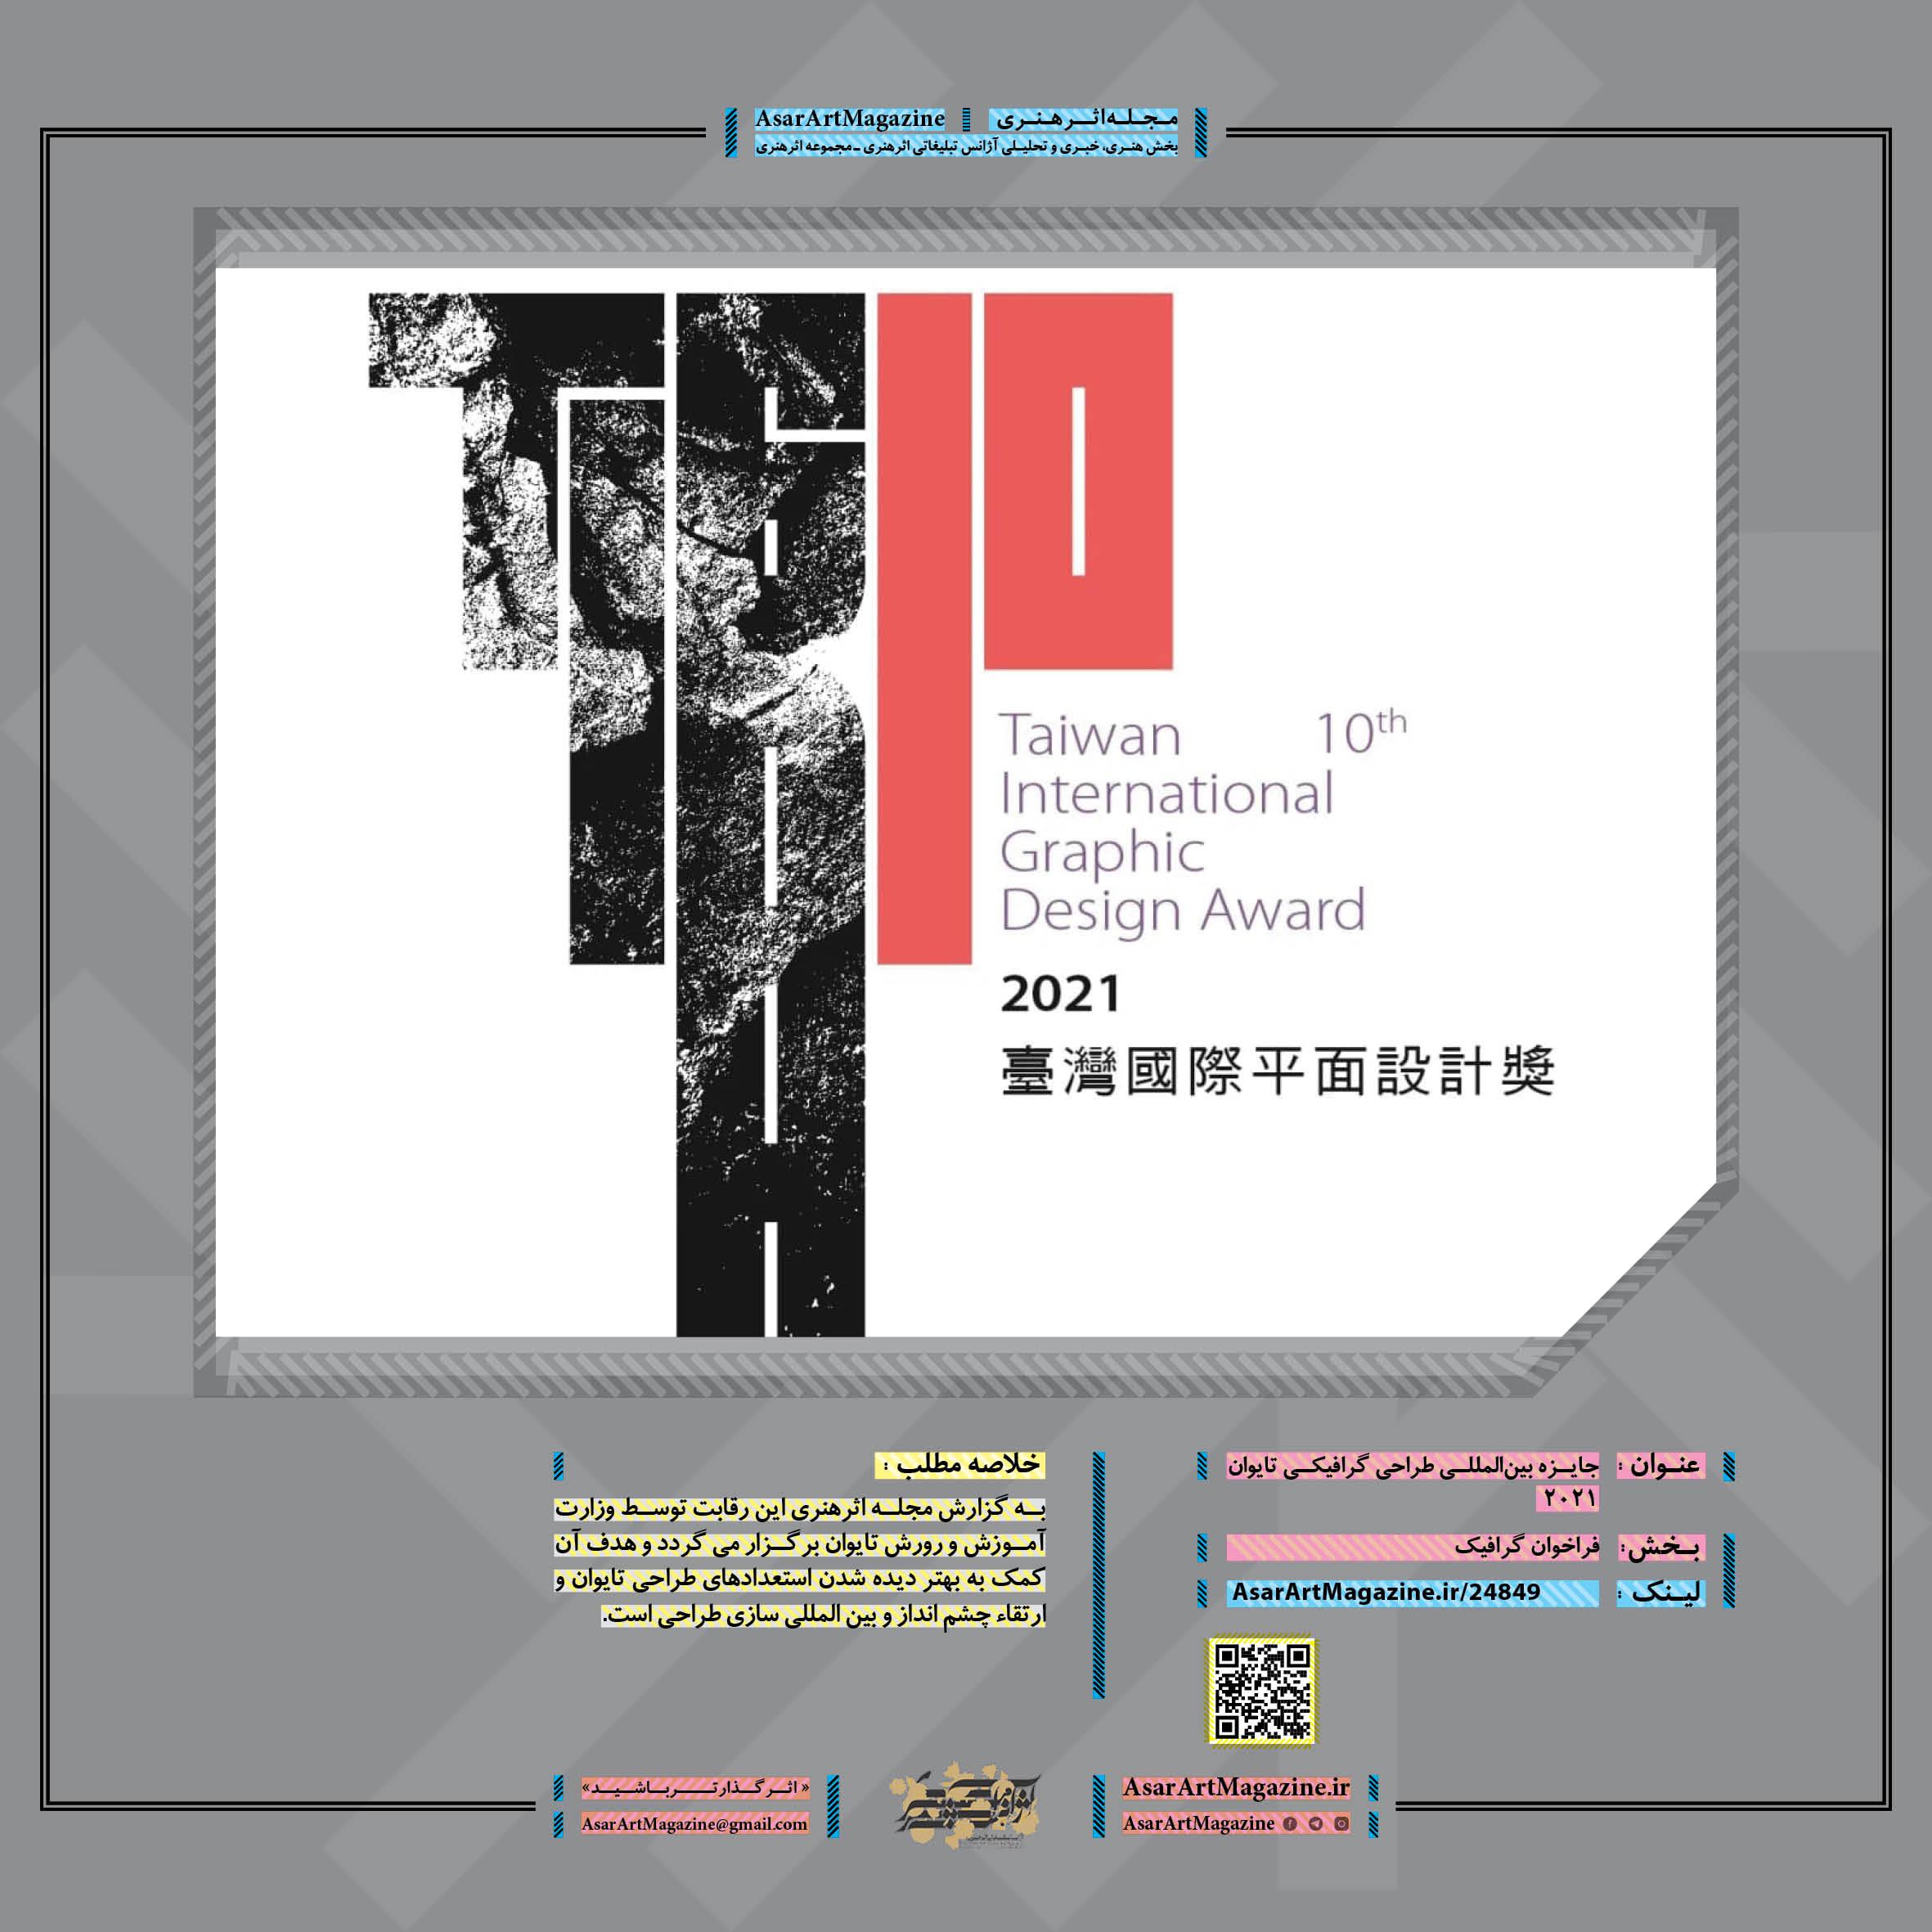 جایزه بینالمللی طراحی گرافیکی تایوان ۲۰۲۱ لینک : https://asarartmagazine.ir/?p=24849👇 سایت : AsarArtMagazine.ir اینستاگرام : instagram.com/AsarArtMagazine تلگرام :  t.me/AsarArtMagazine 👆